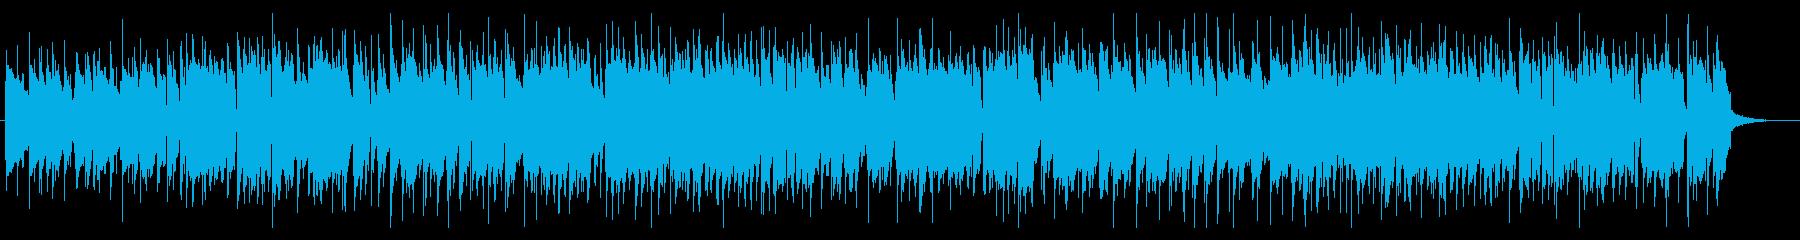 大人なスウィングジャズの再生済みの波形